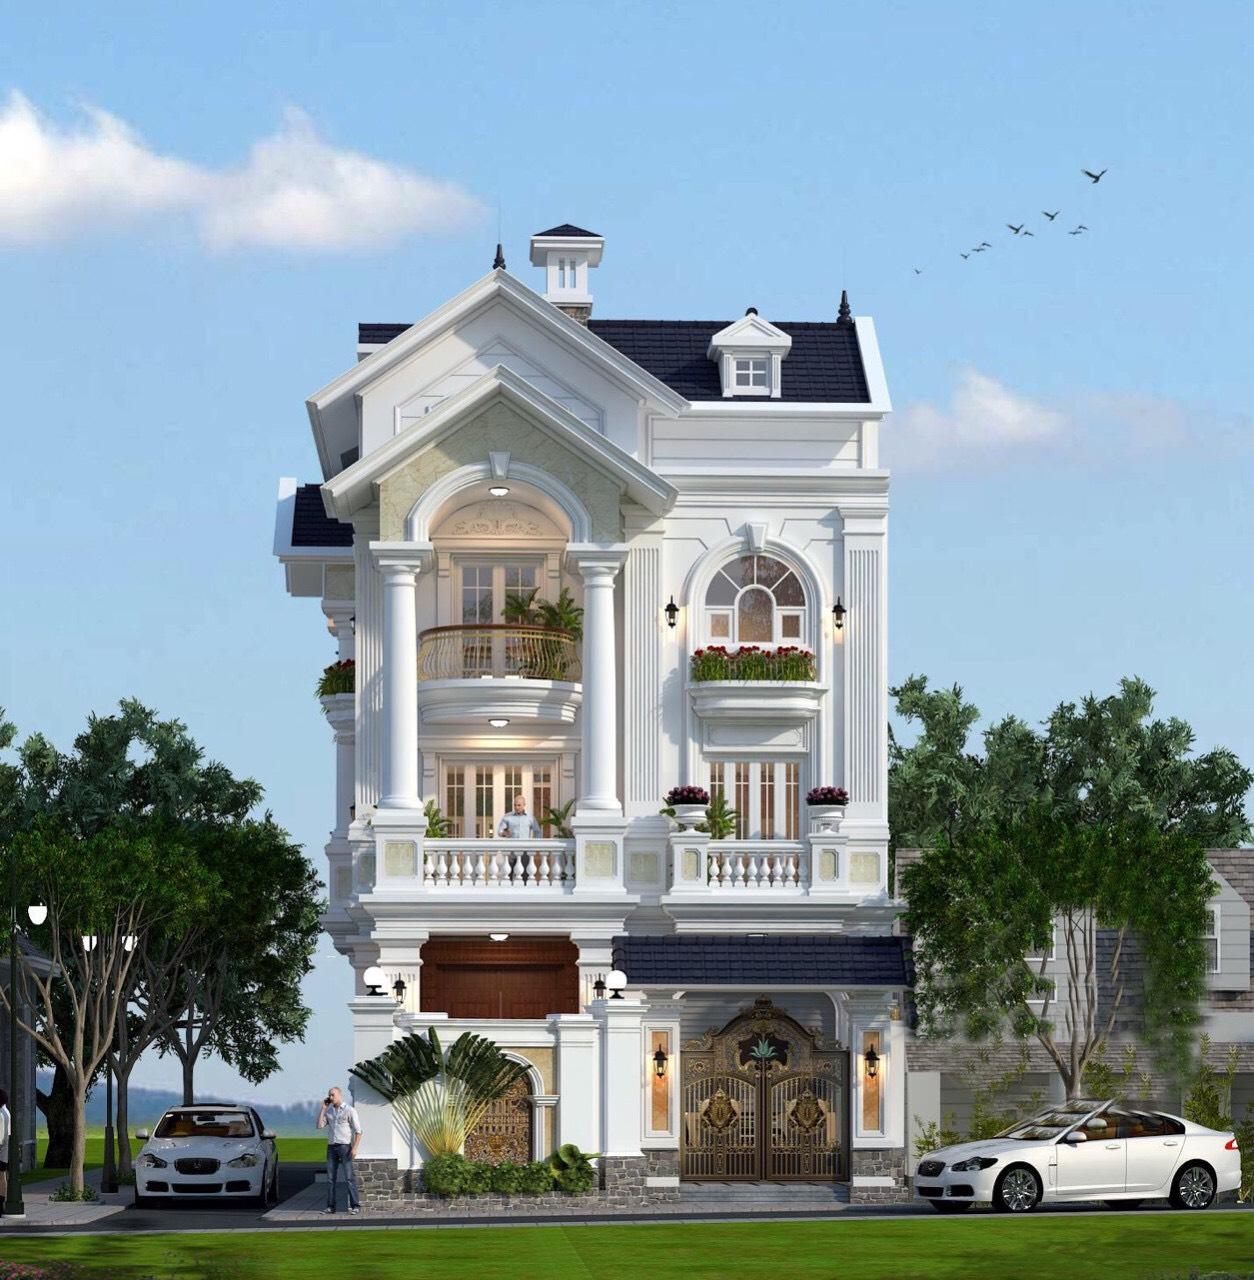 thiết kế kiến trúc biệt thự Tân cổ điển 3 tầng-4